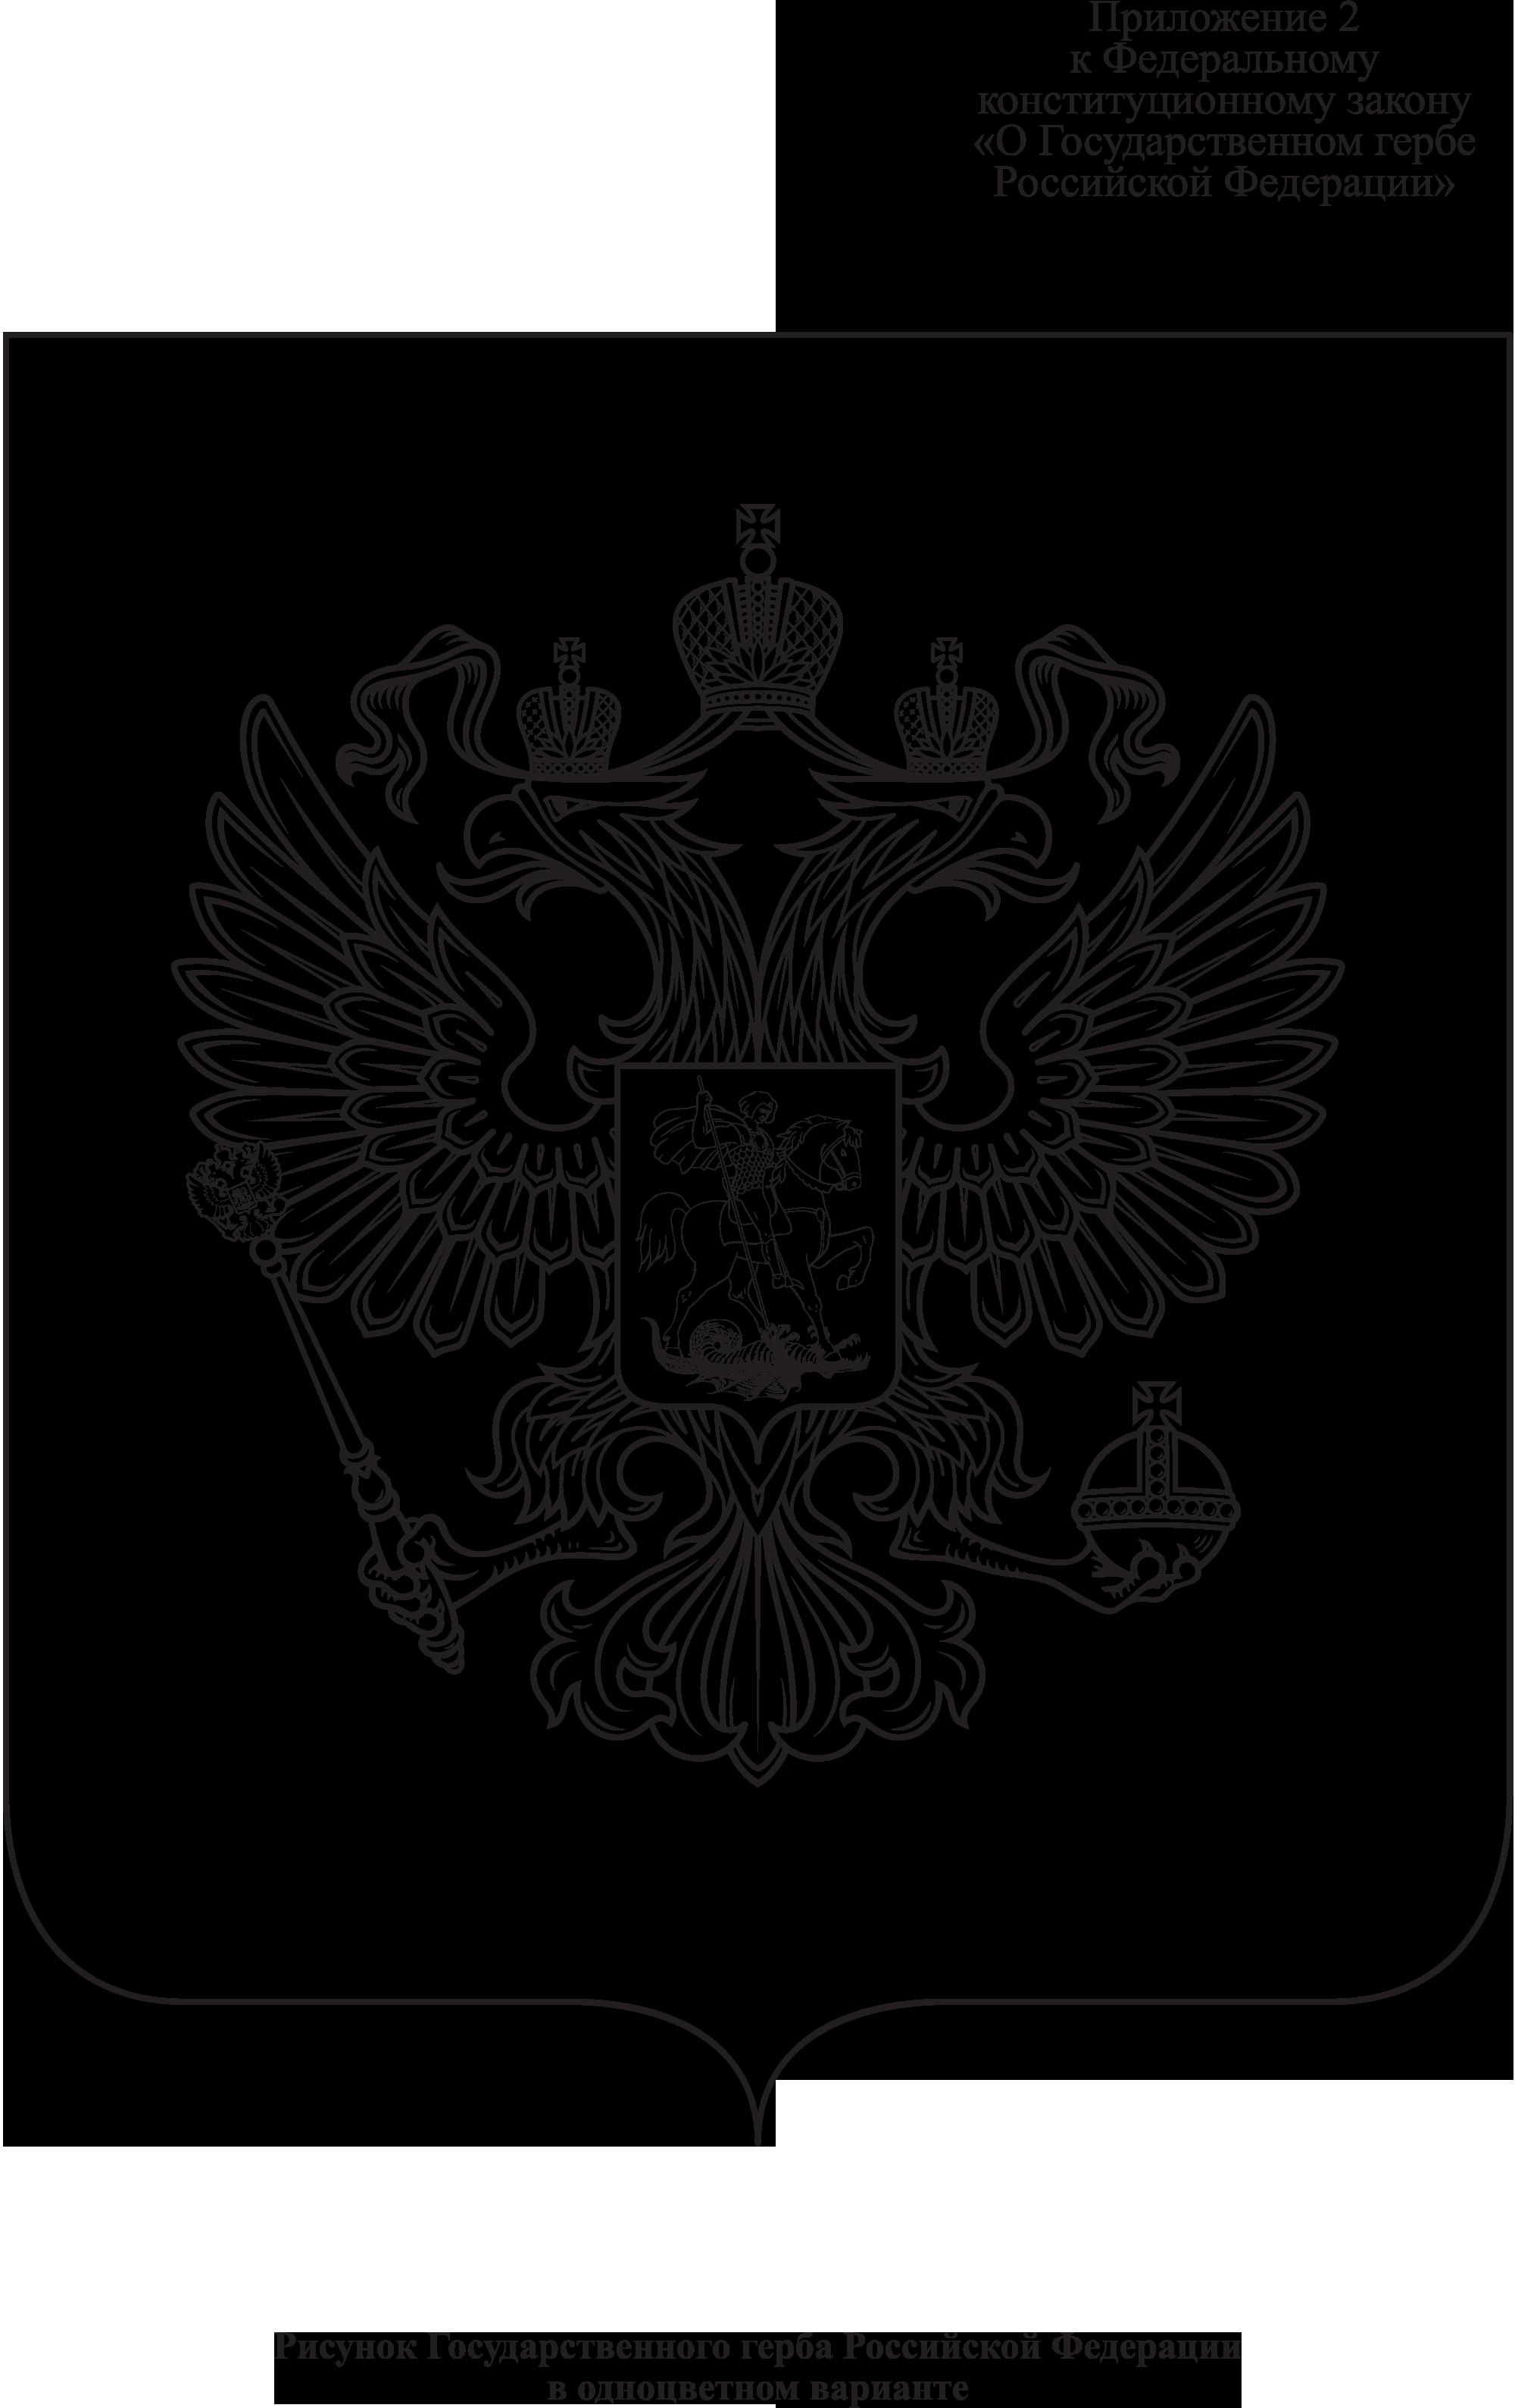 черно-белый герб России